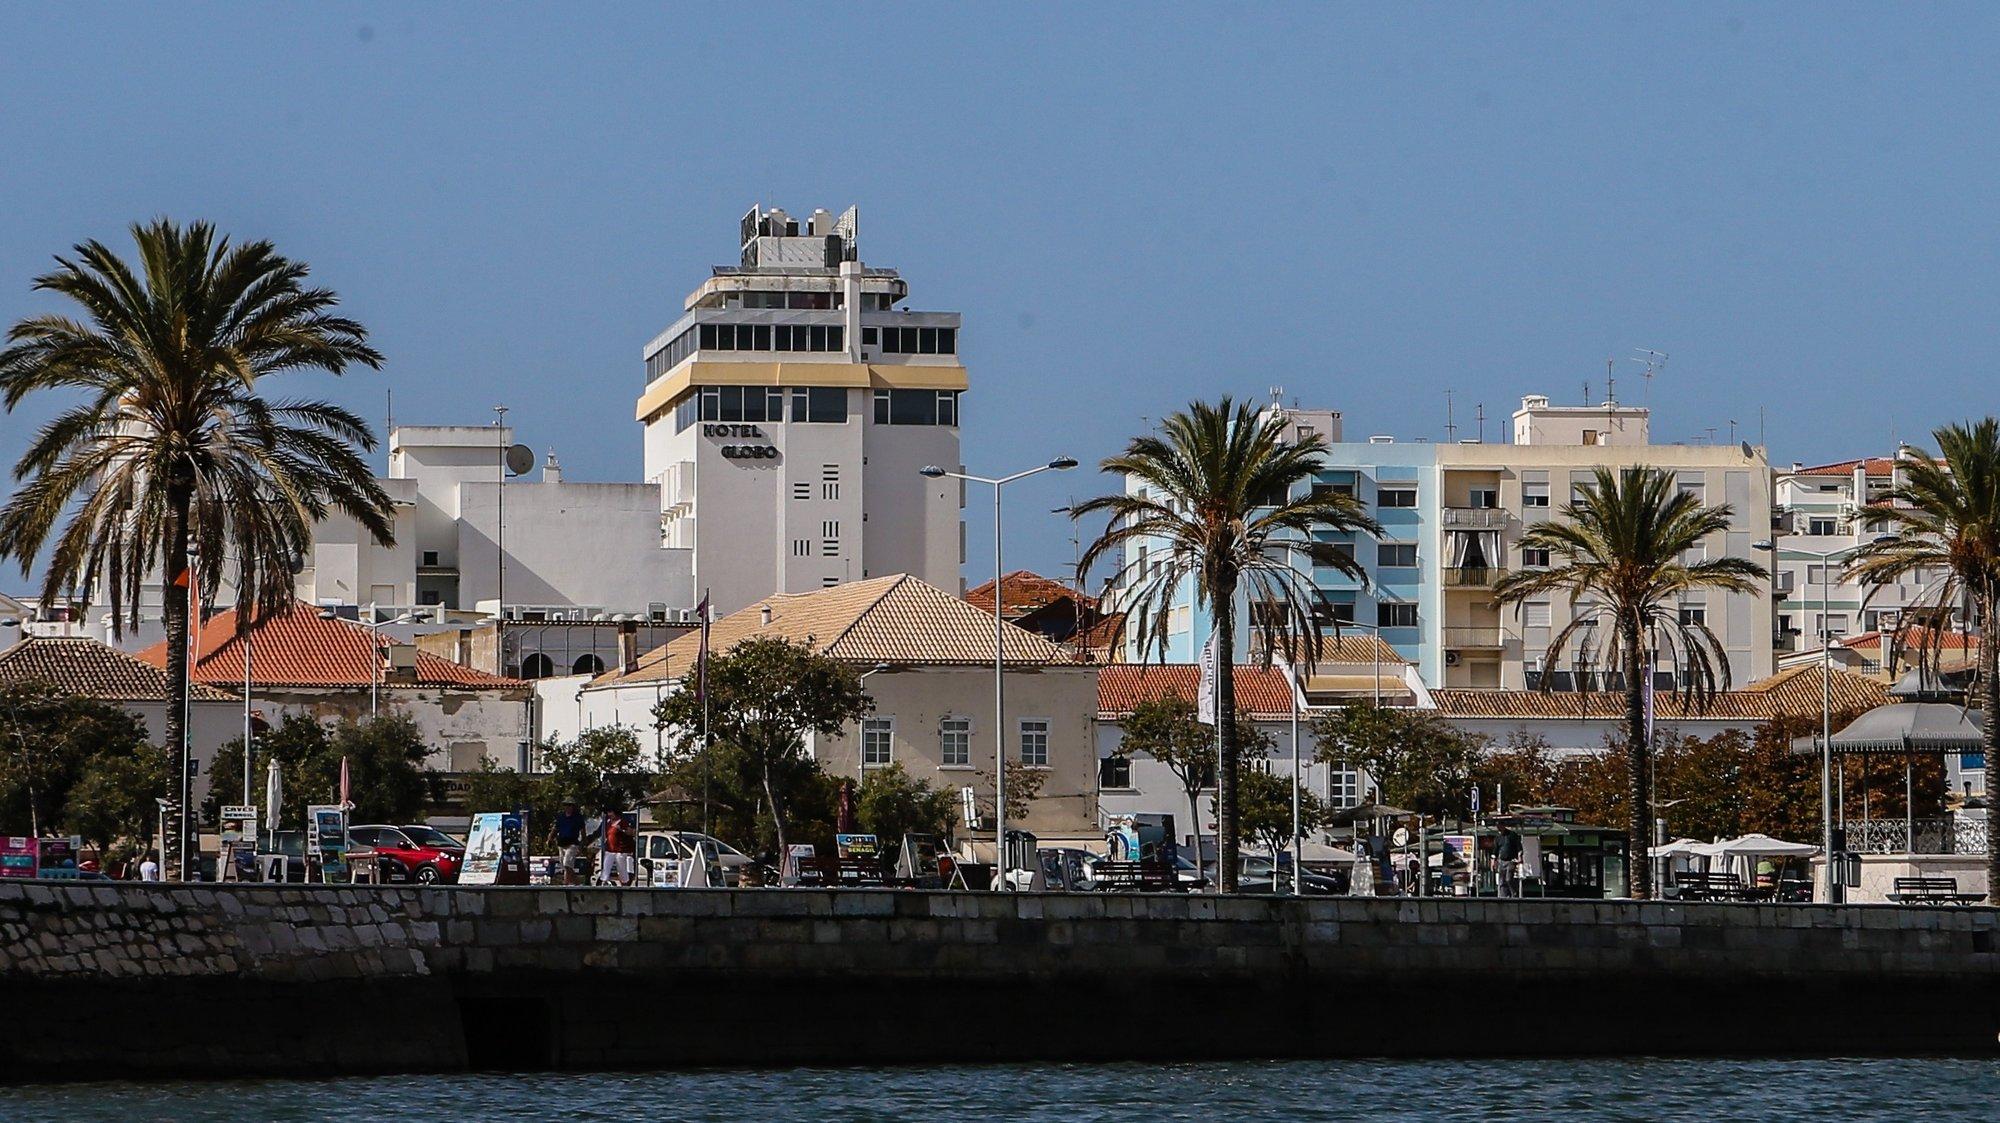 Vista de um barco da cidade de Portimão, 27 de setembro de 2017. LUÍS FORRA/LUSA